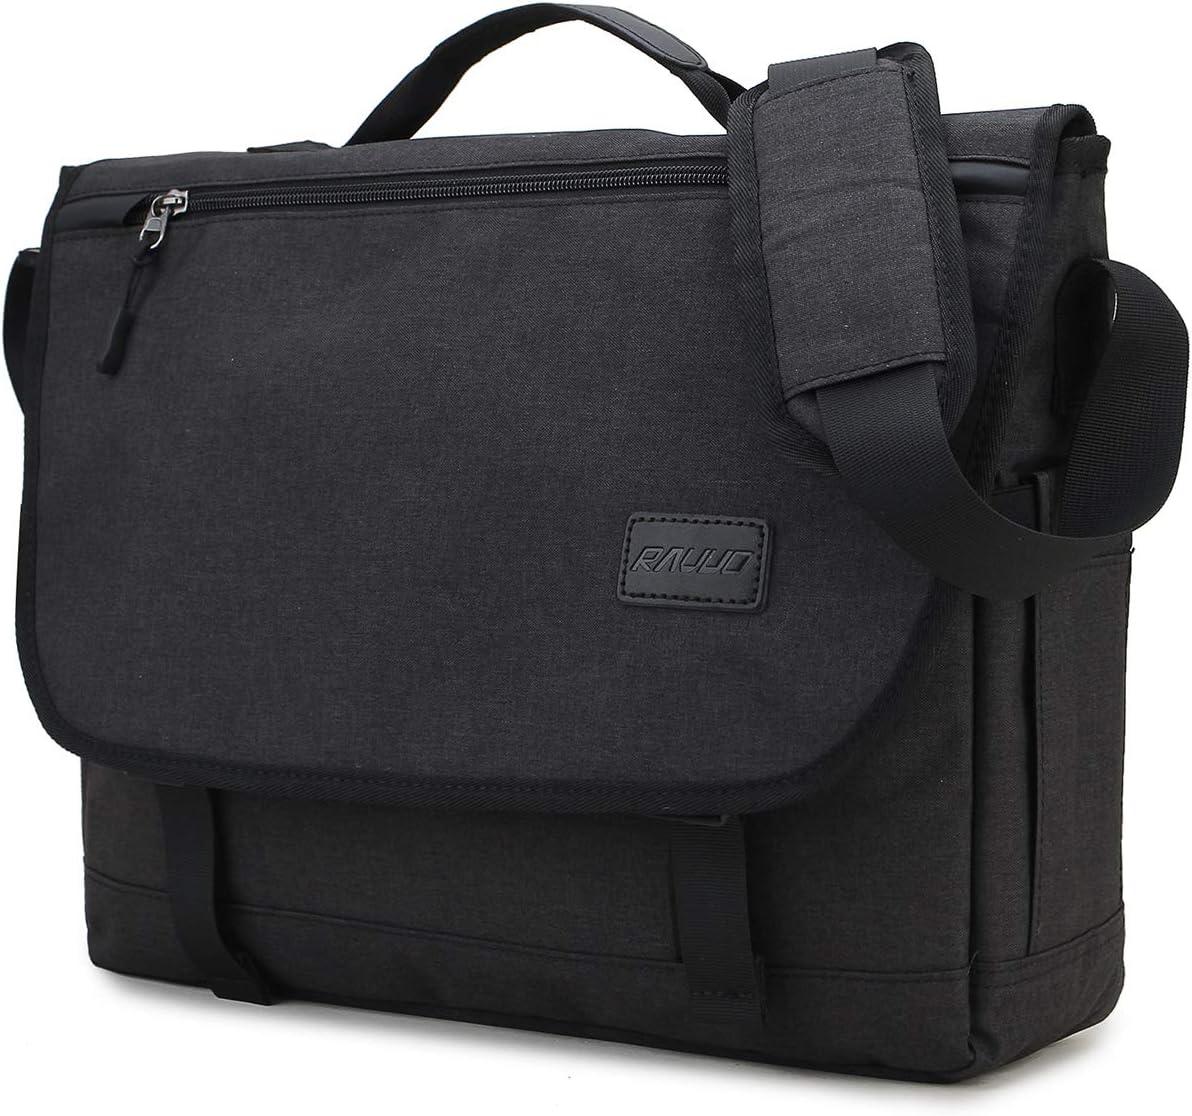 Messenger Bag For Men RAVUO Factory outlet Max 53% OFF Shoulder Resistant Lightweight Water